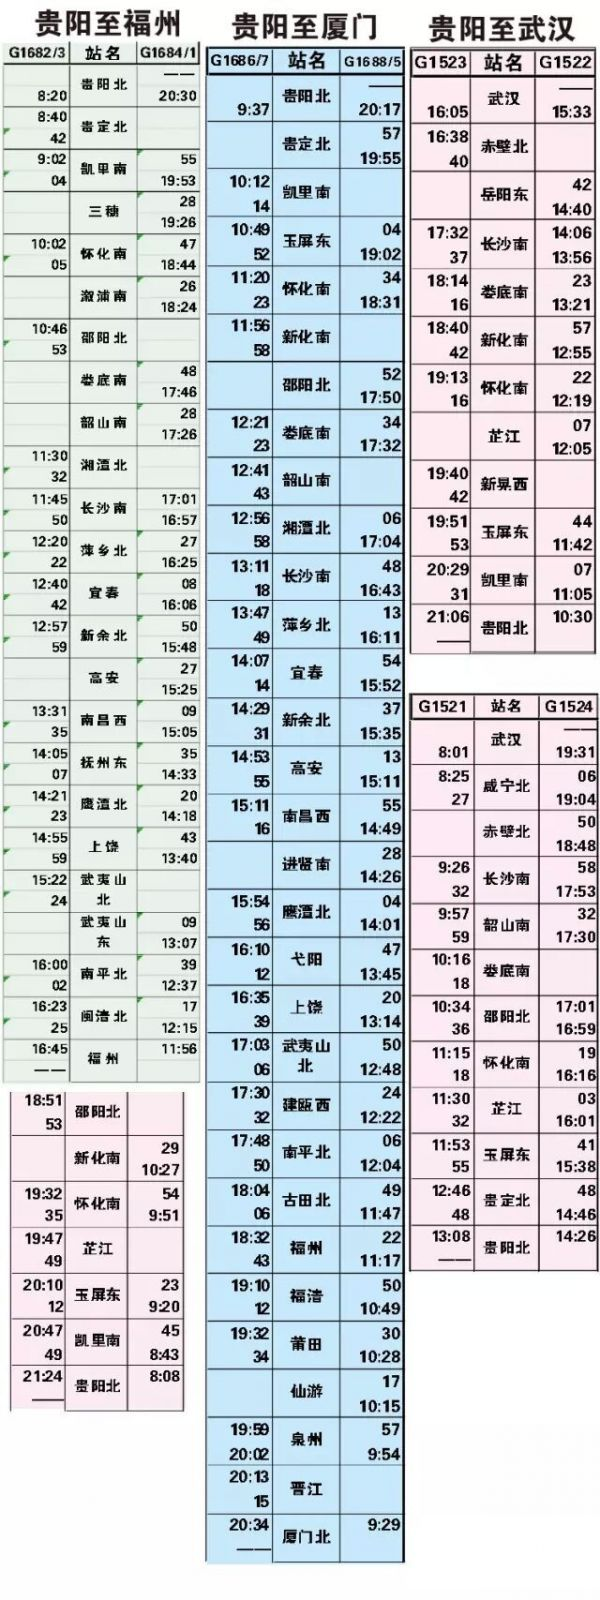 最新最全的沪昆高铁时刻表,看完贵州人都笑了!